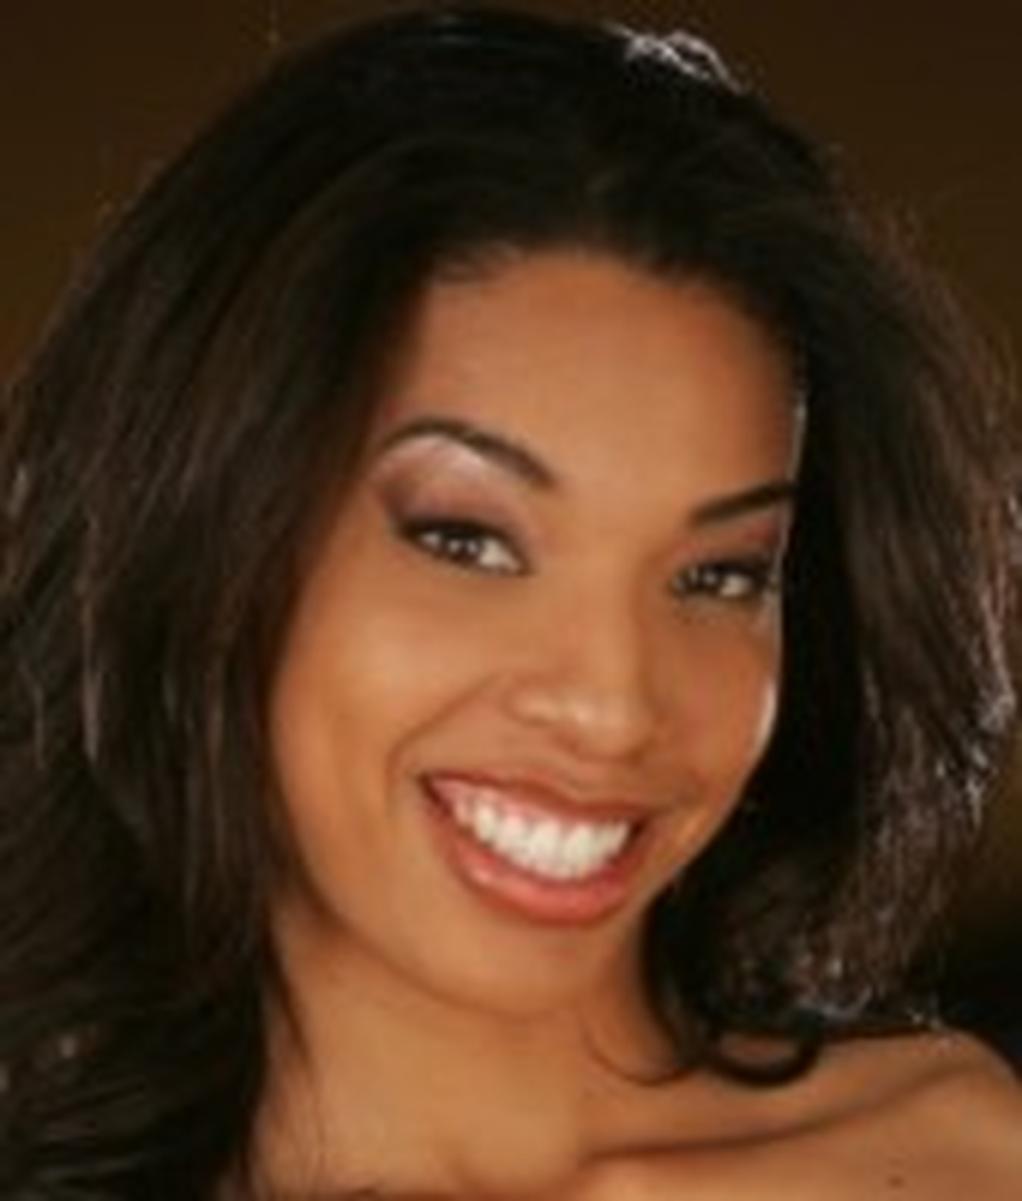 Desiree Diamond Wiki & Bio - Pornographic Actress